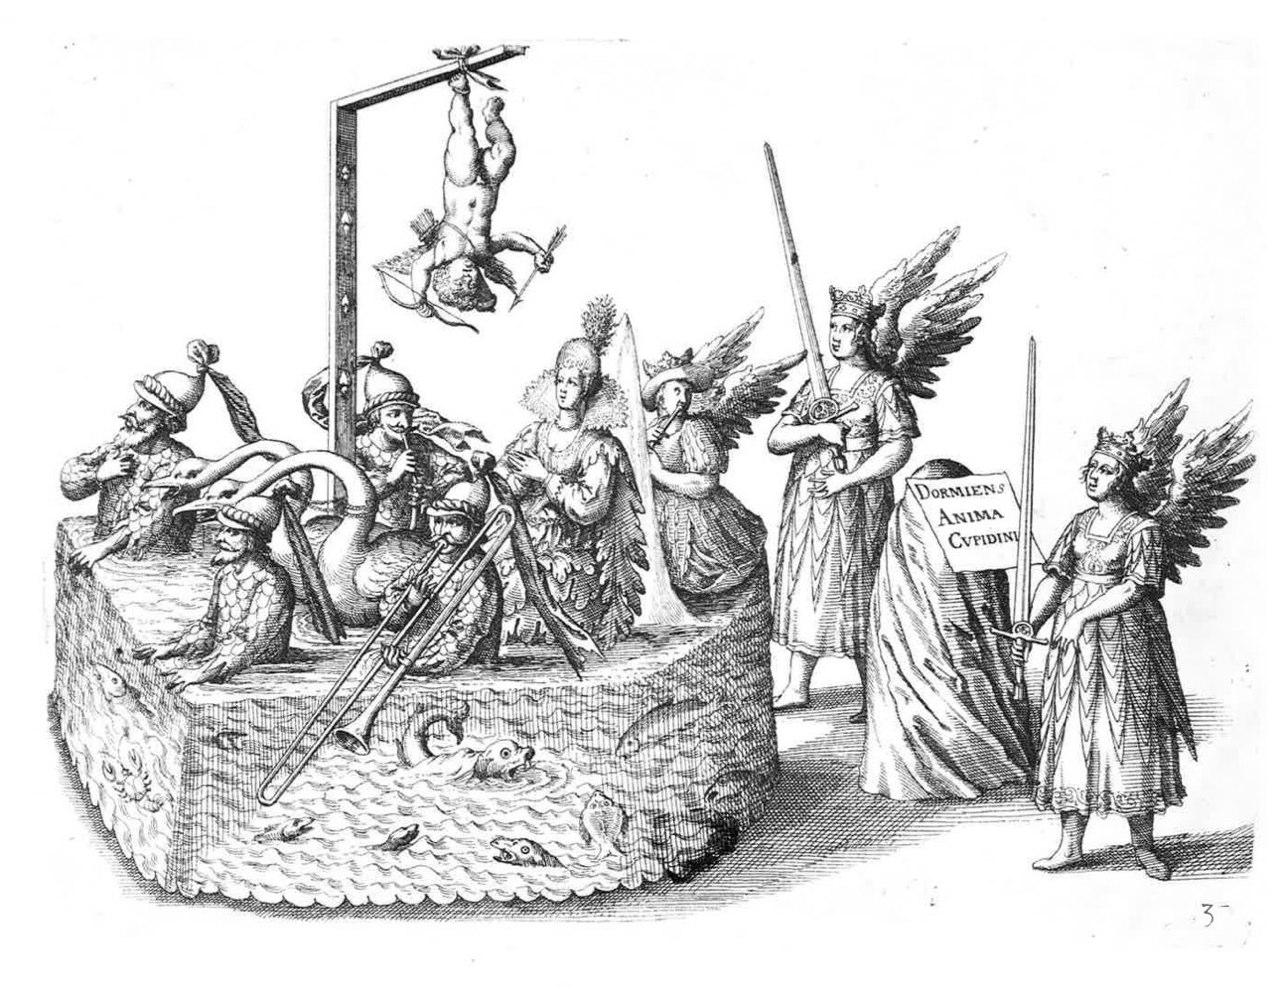 Esias van Husten, Repraesentatipn der Fürstlichen Aufzug und Ritterspil, Stuttgart, 1616. Metropolitan Museum, NY. Contributed by Pietro Modesti